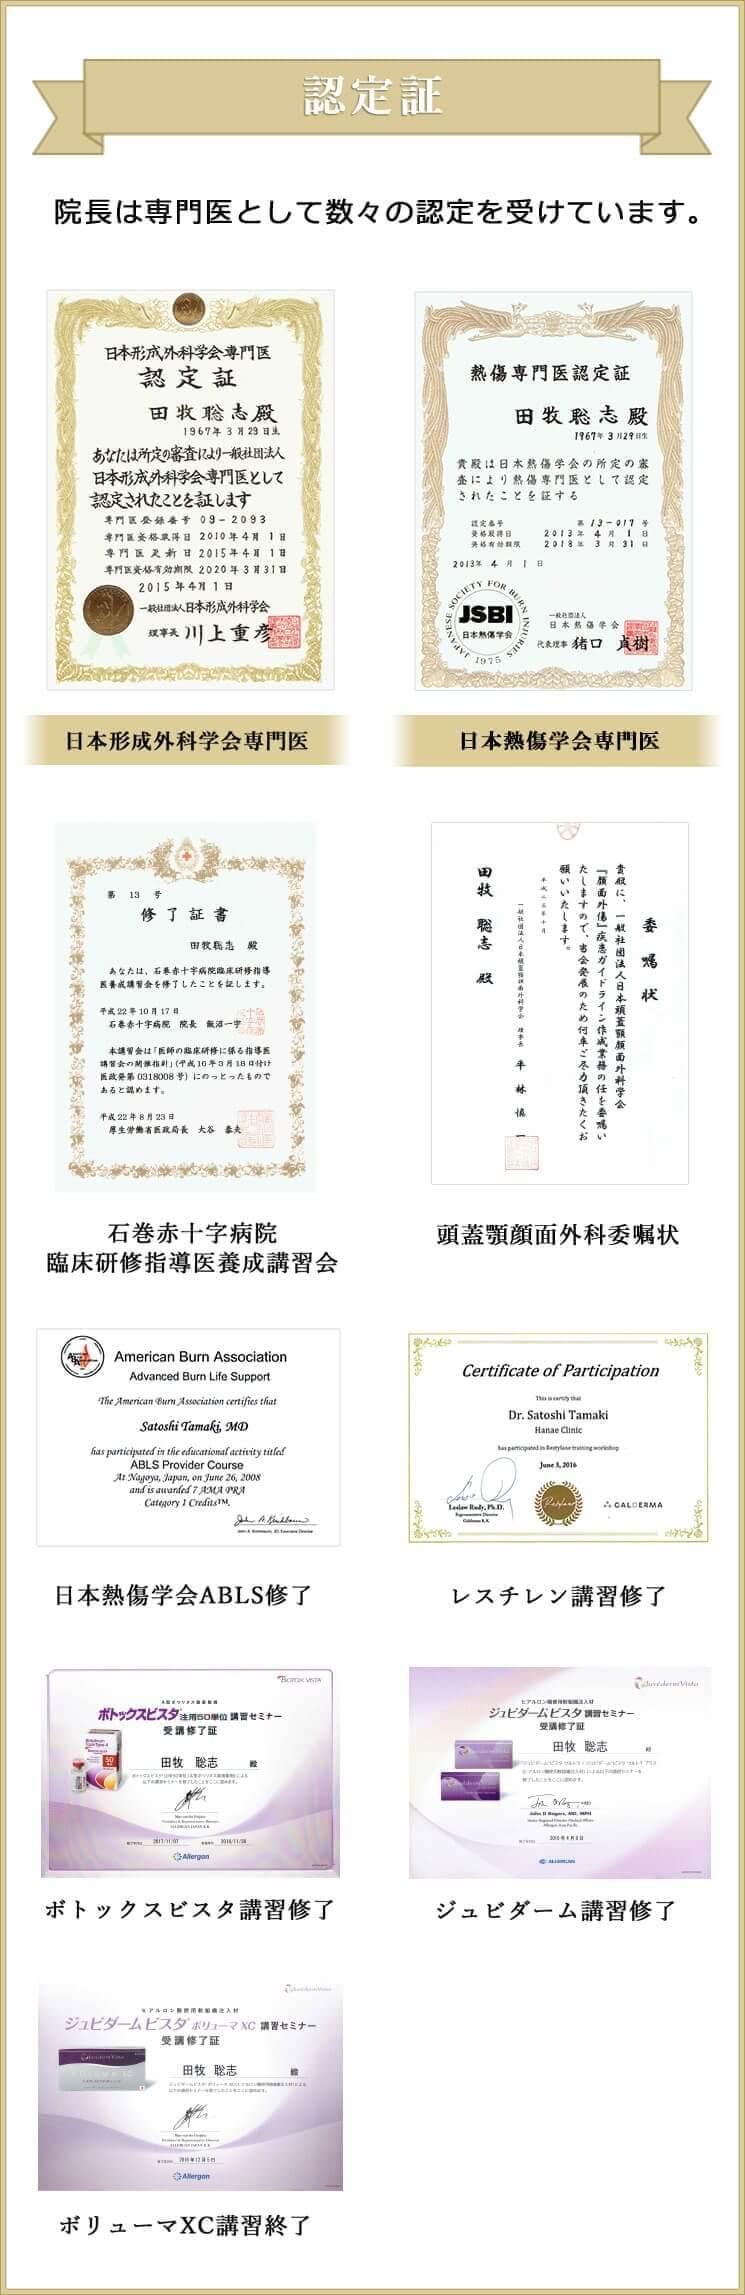 院長は専門医として数々の認定を受けています。